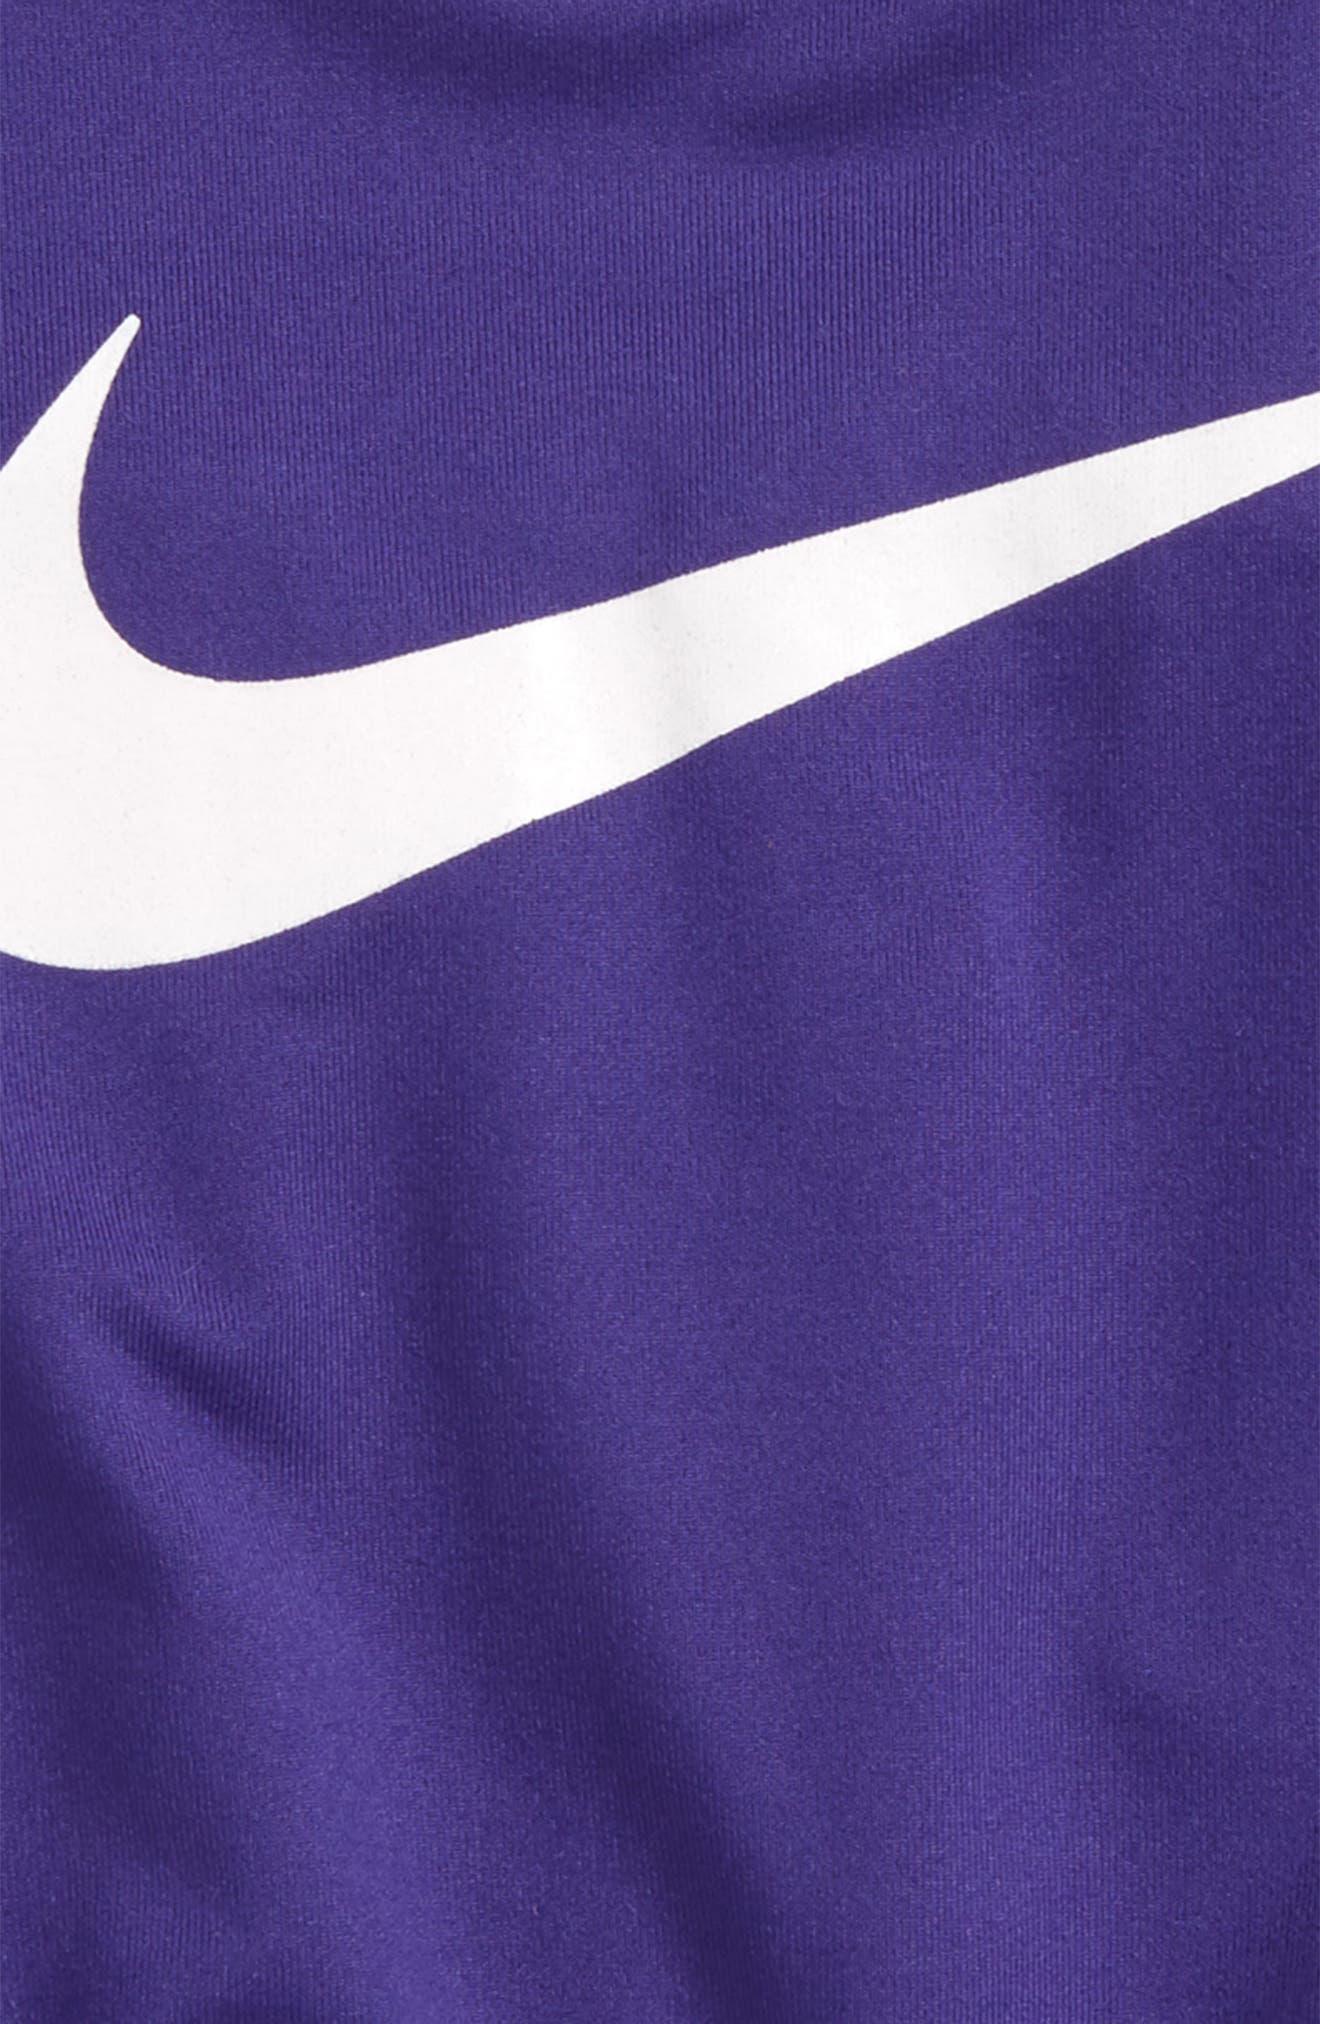 Dri-FIT Sport Romper,                             Alternate thumbnail 2, color,                             Fusion Violet